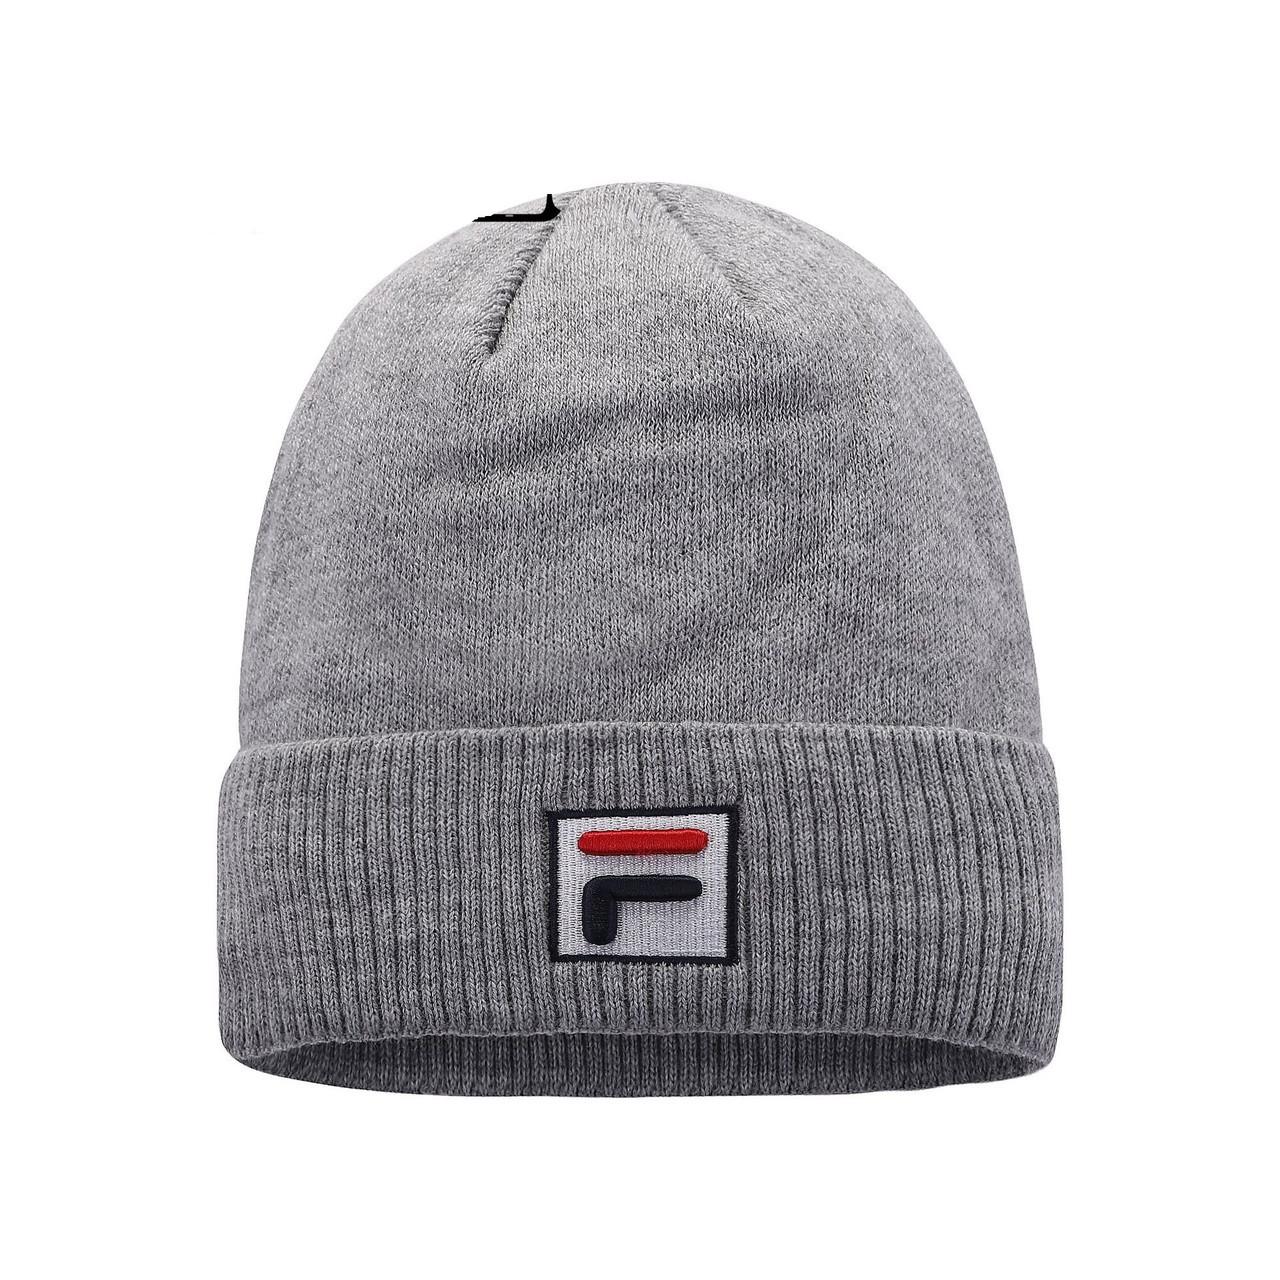 Шапка Fila для взрослых и подростков шапки фила